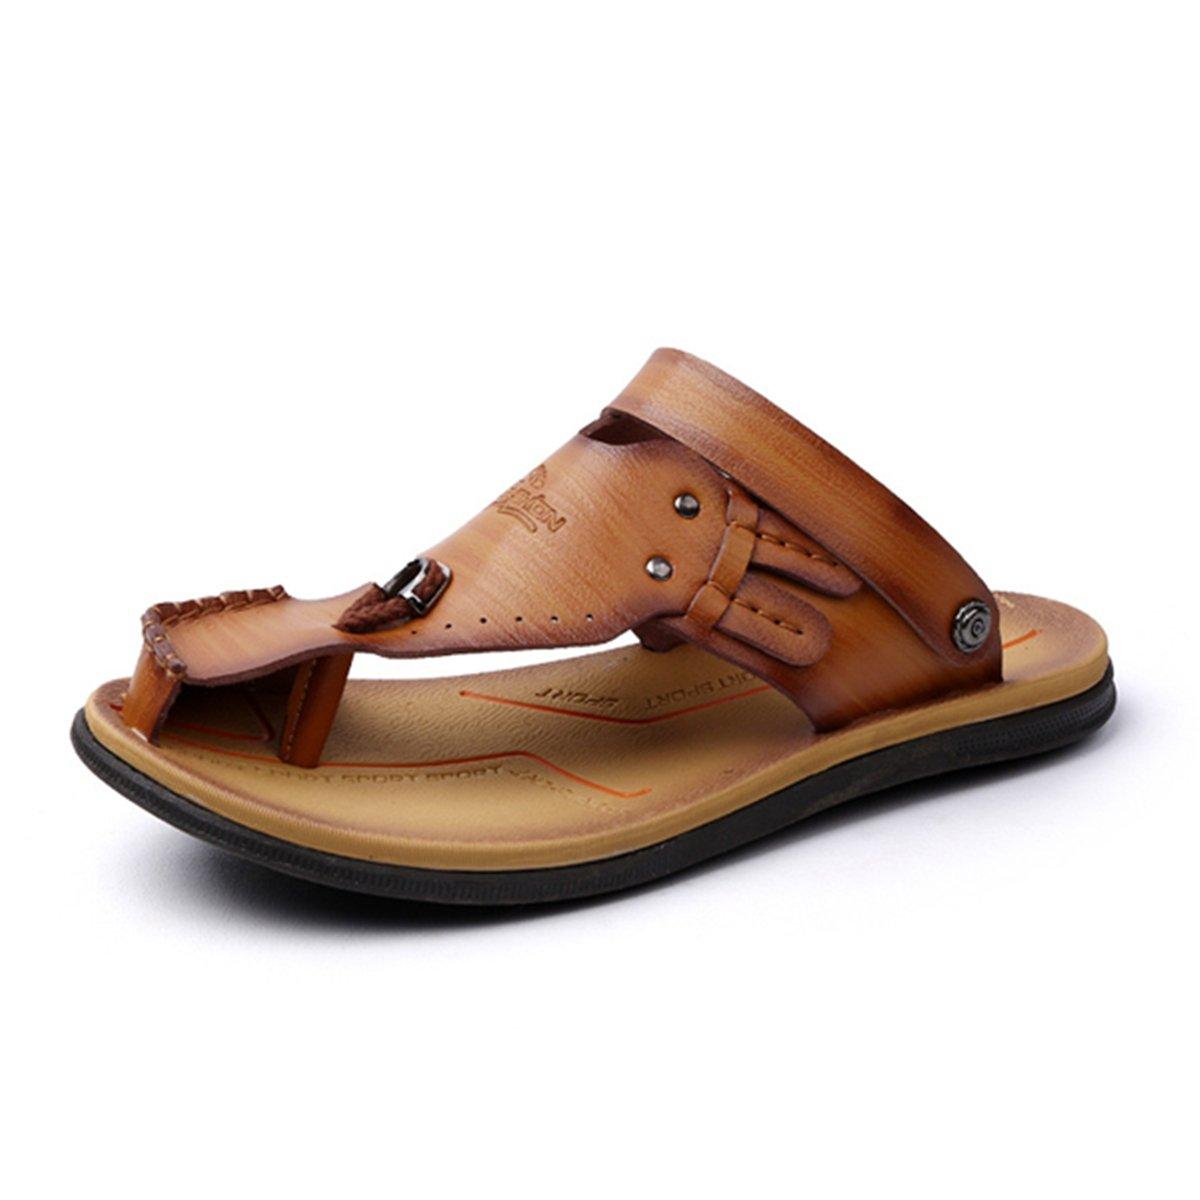 Gracosy Flip Flops, Unisex Zehentrenner Flache Hausschuhe Pantoletten Sommer Schuhe Slippers Weich Anti-Rutsch T-Strap Sandalen fuuml;r Herren Damenr  41 EU|Braun-c